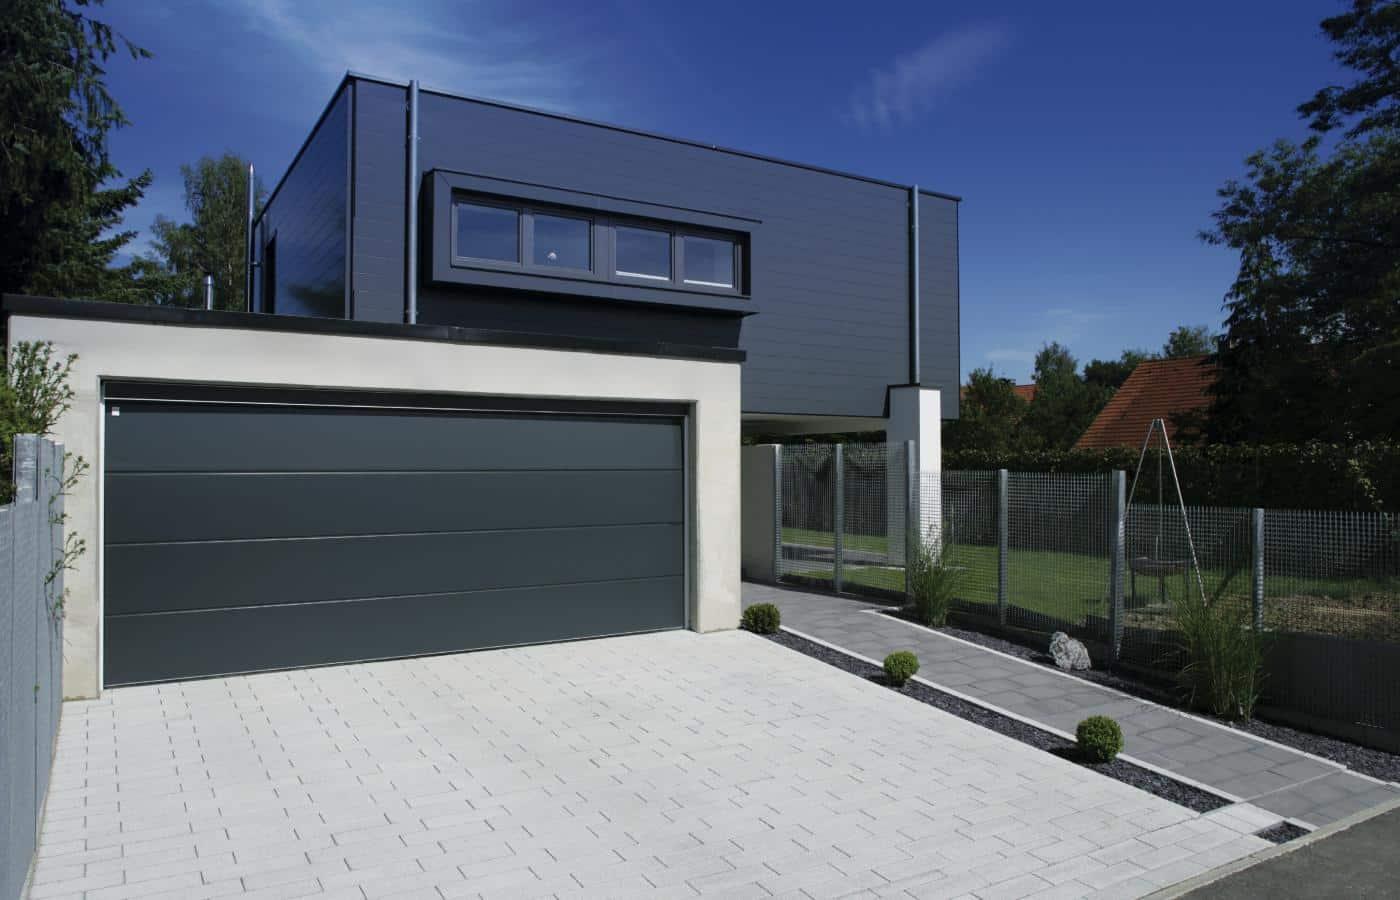 La porte de garage motorisée d'une belle résidence